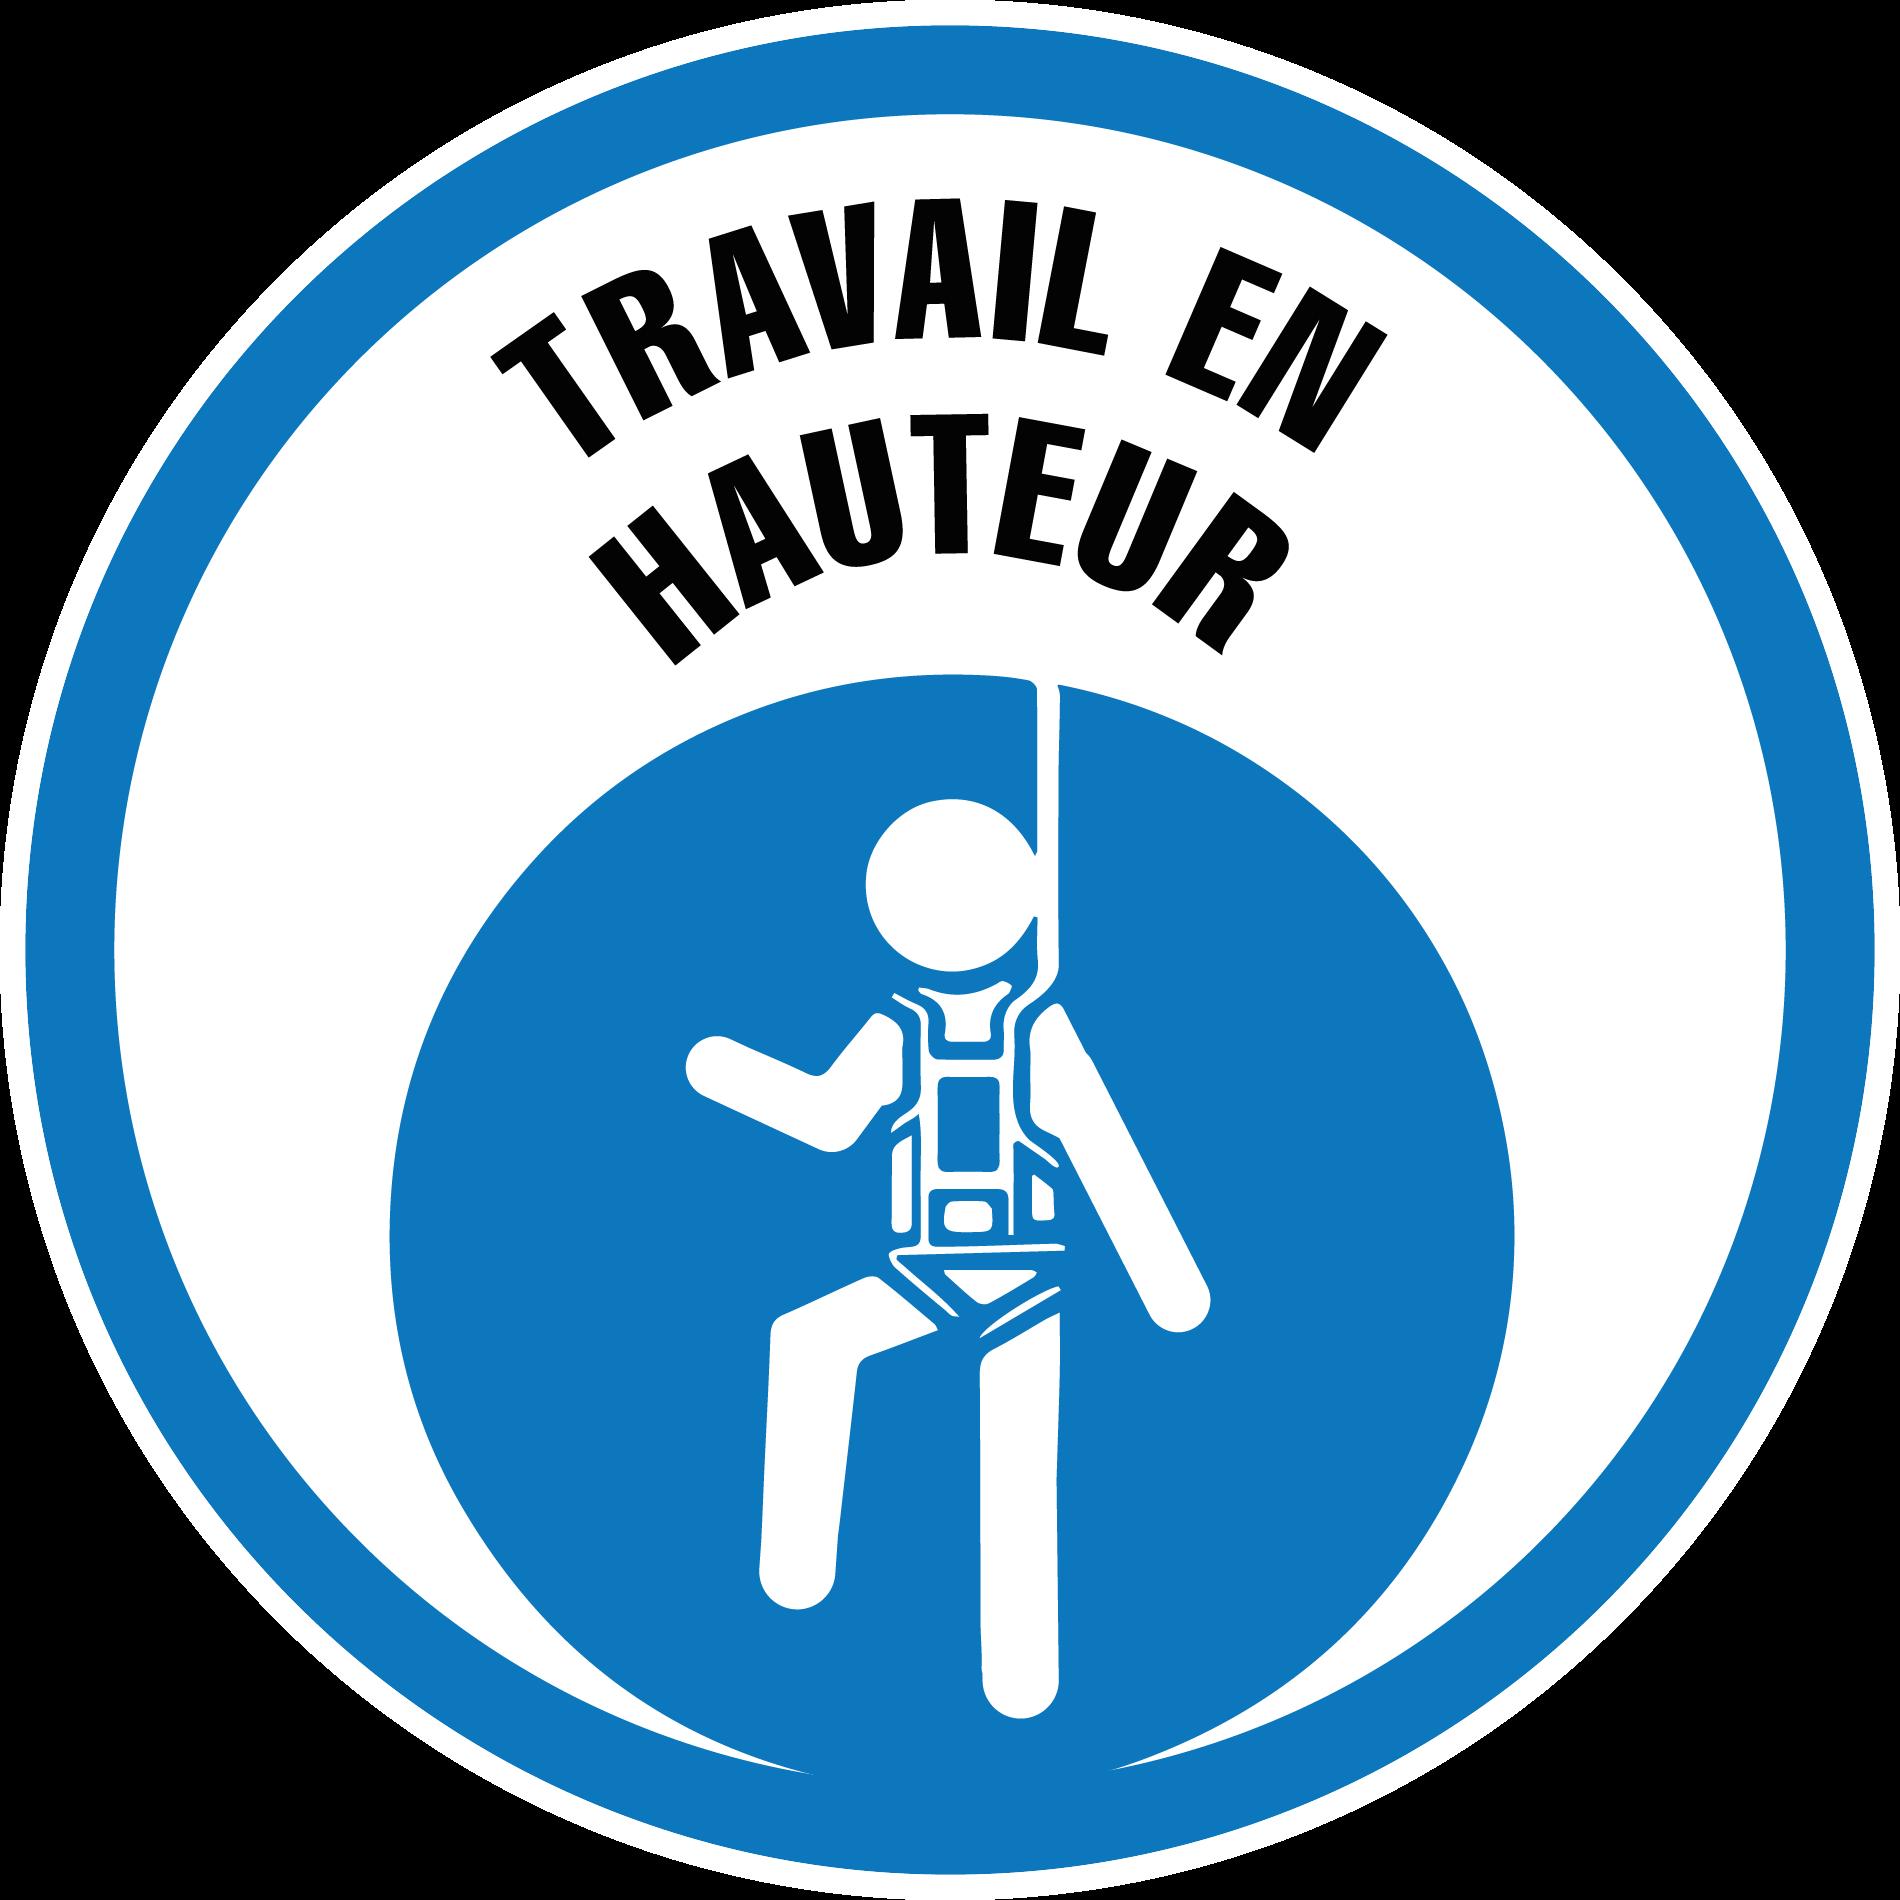 Logo formation Travail hauteur